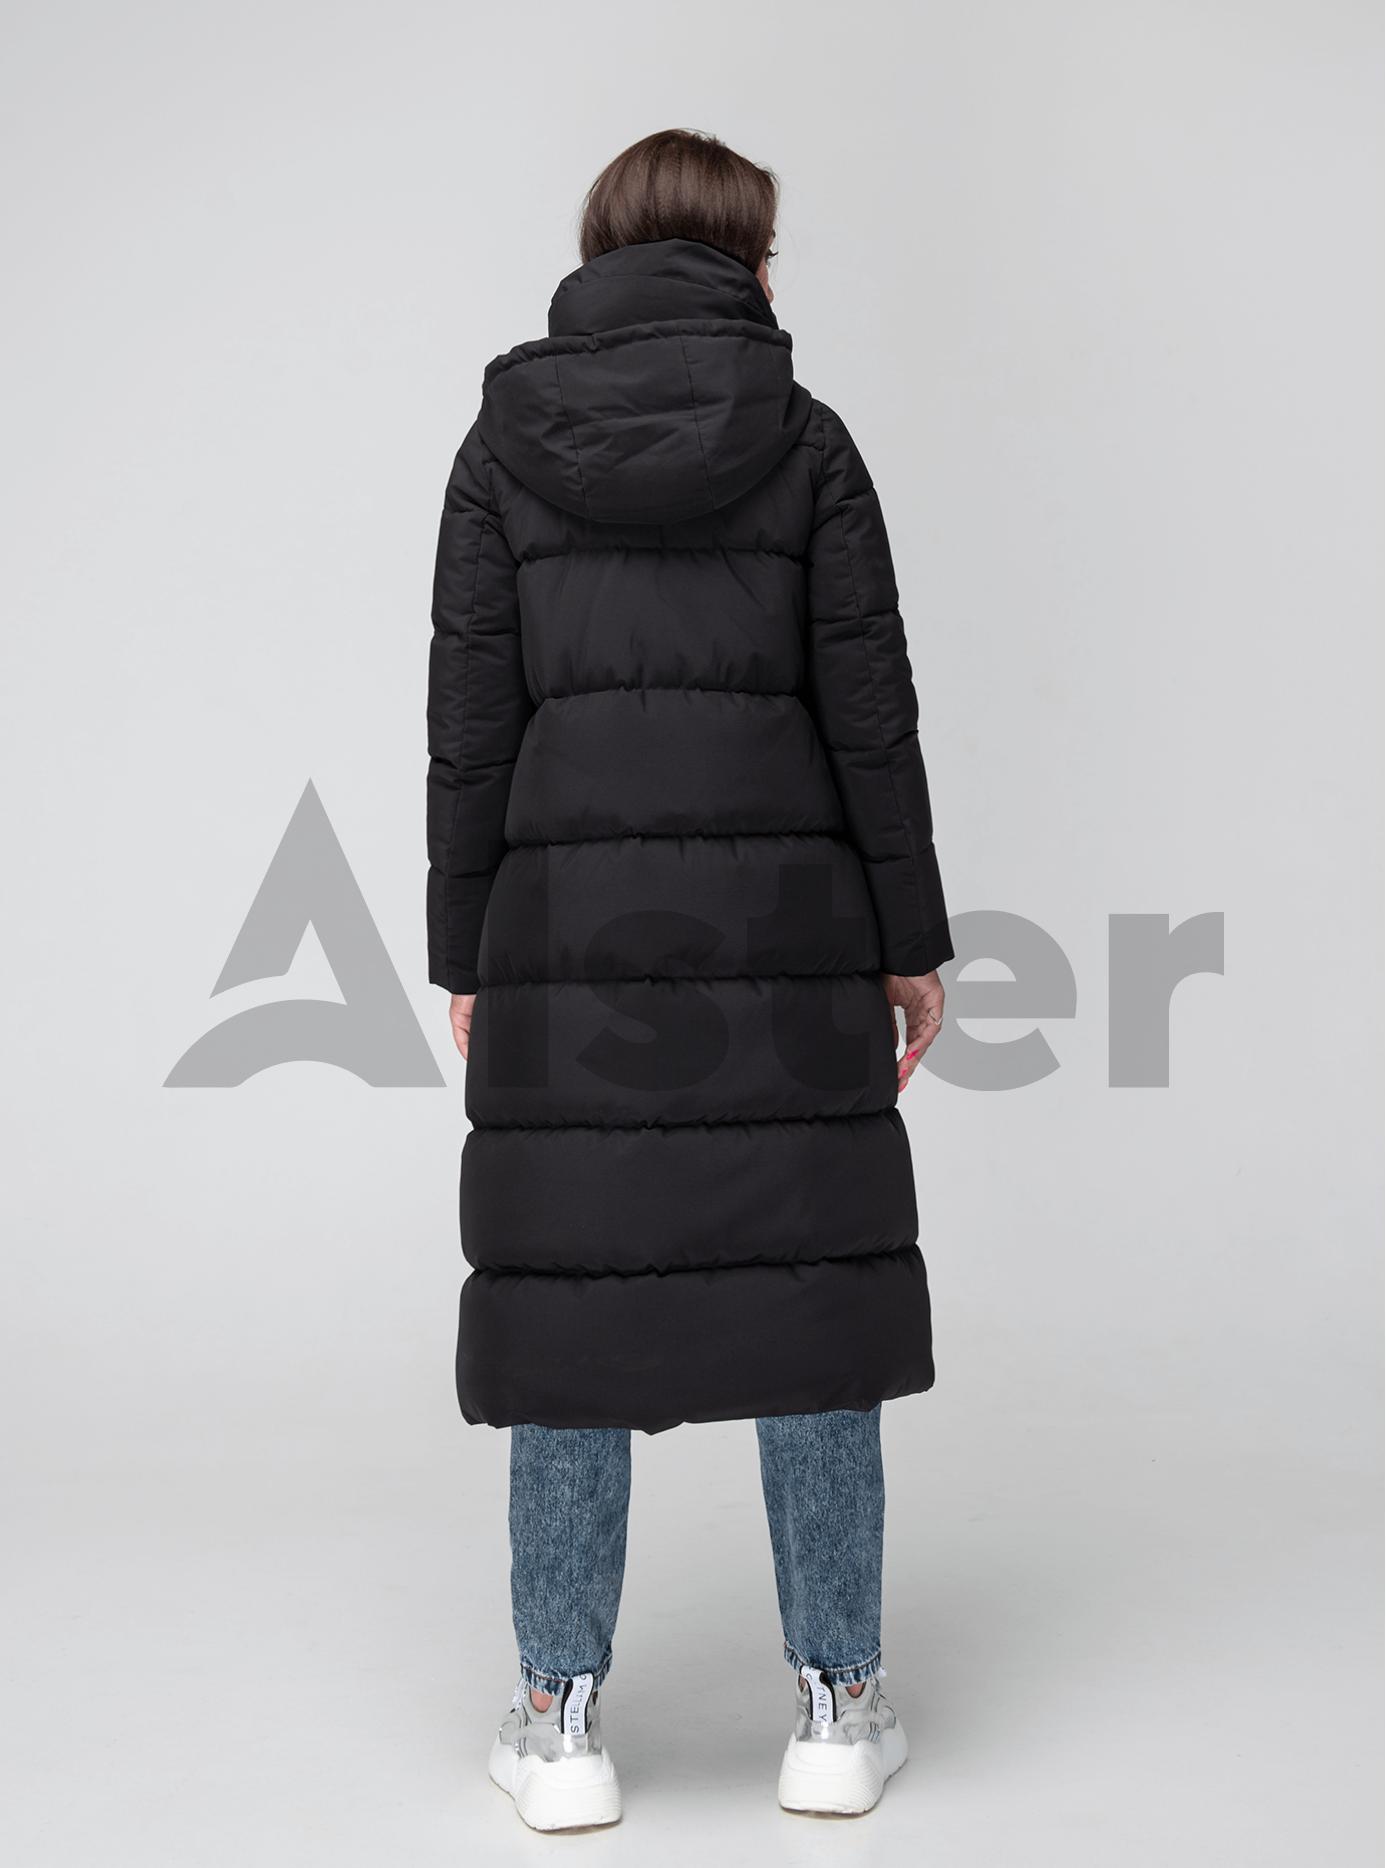 Женская куртка зимняя высокий воротник Чёрный 42 (02-KT190322): фото - Alster.ua